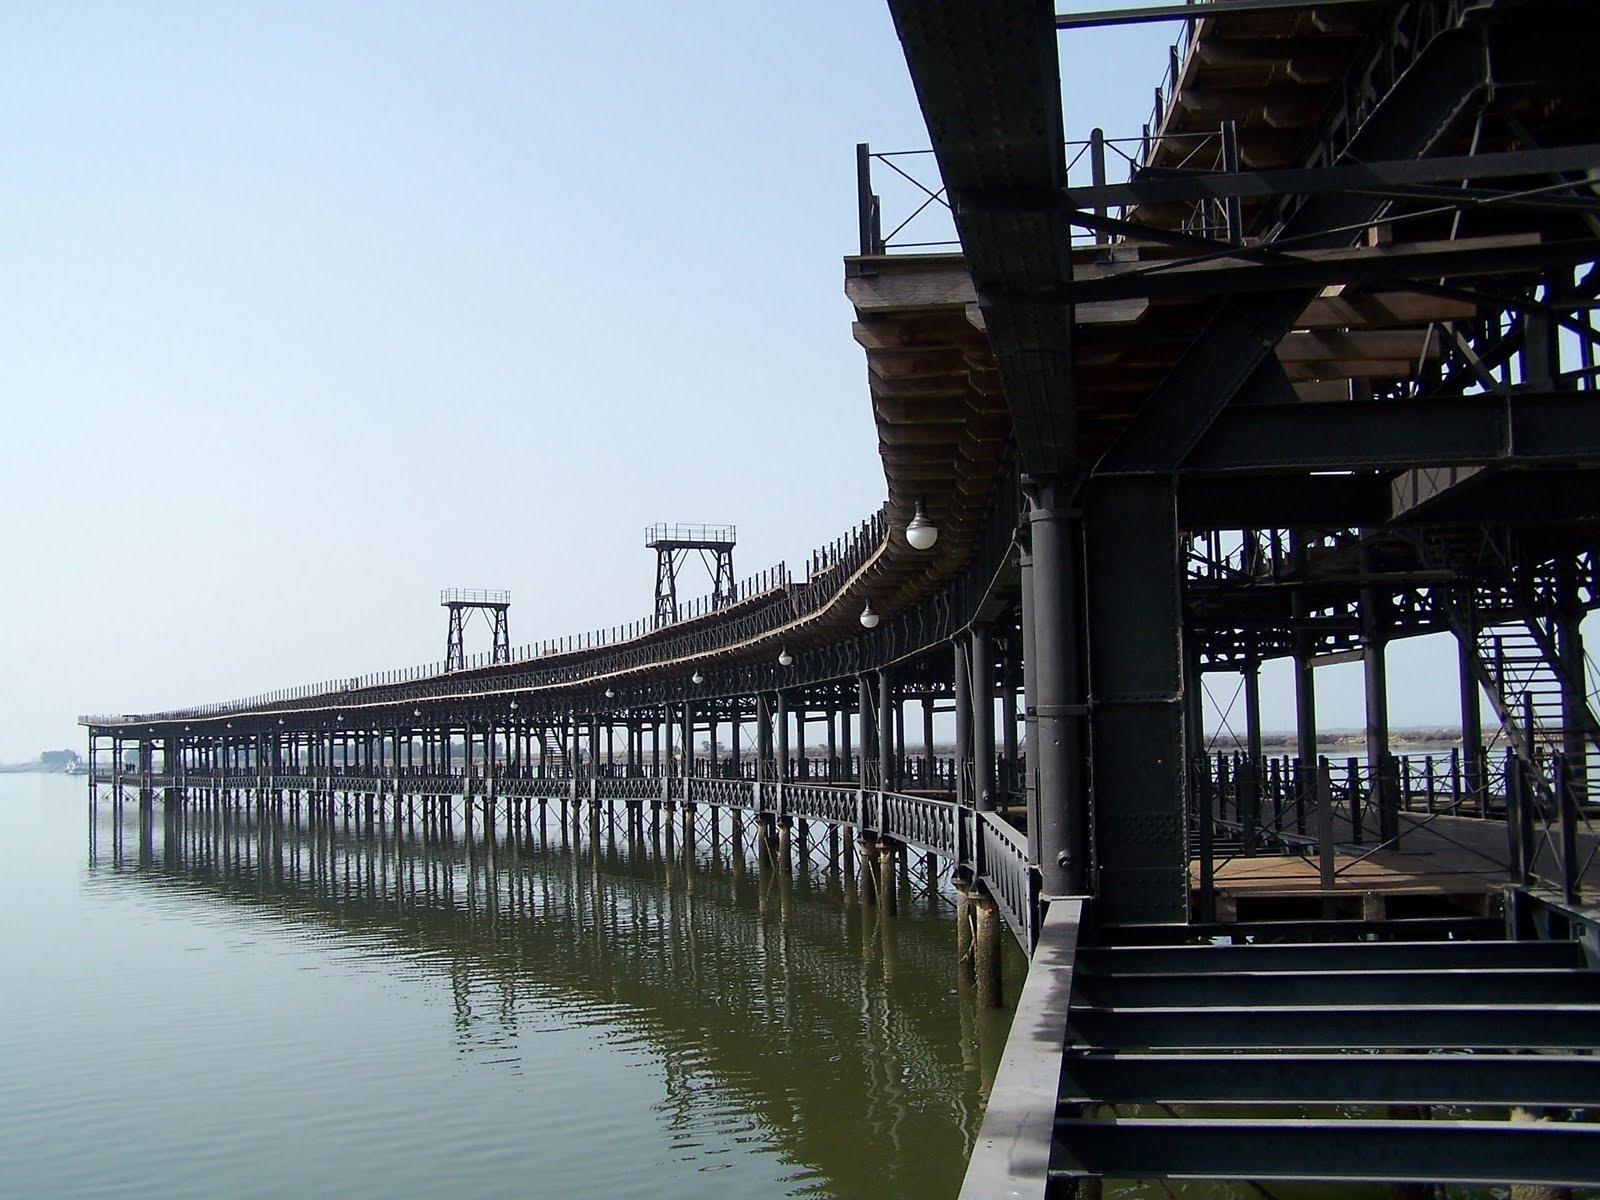 puente-pintura.jpg